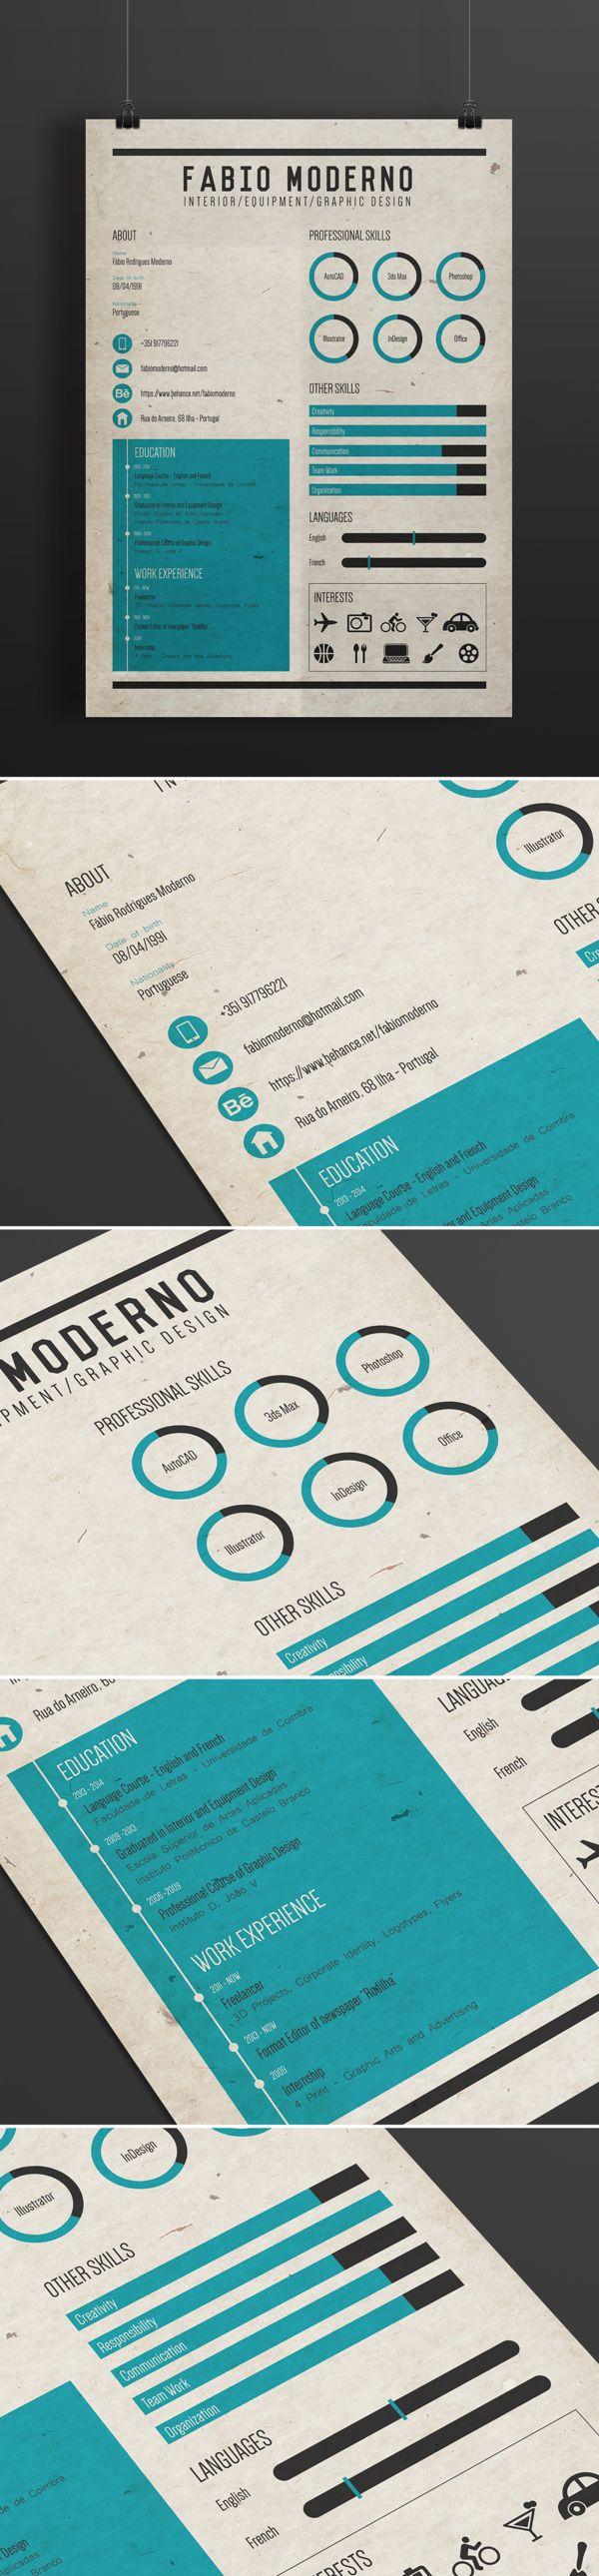 Curriculum Resume By Fabio Moderno Via Behance Portfolio